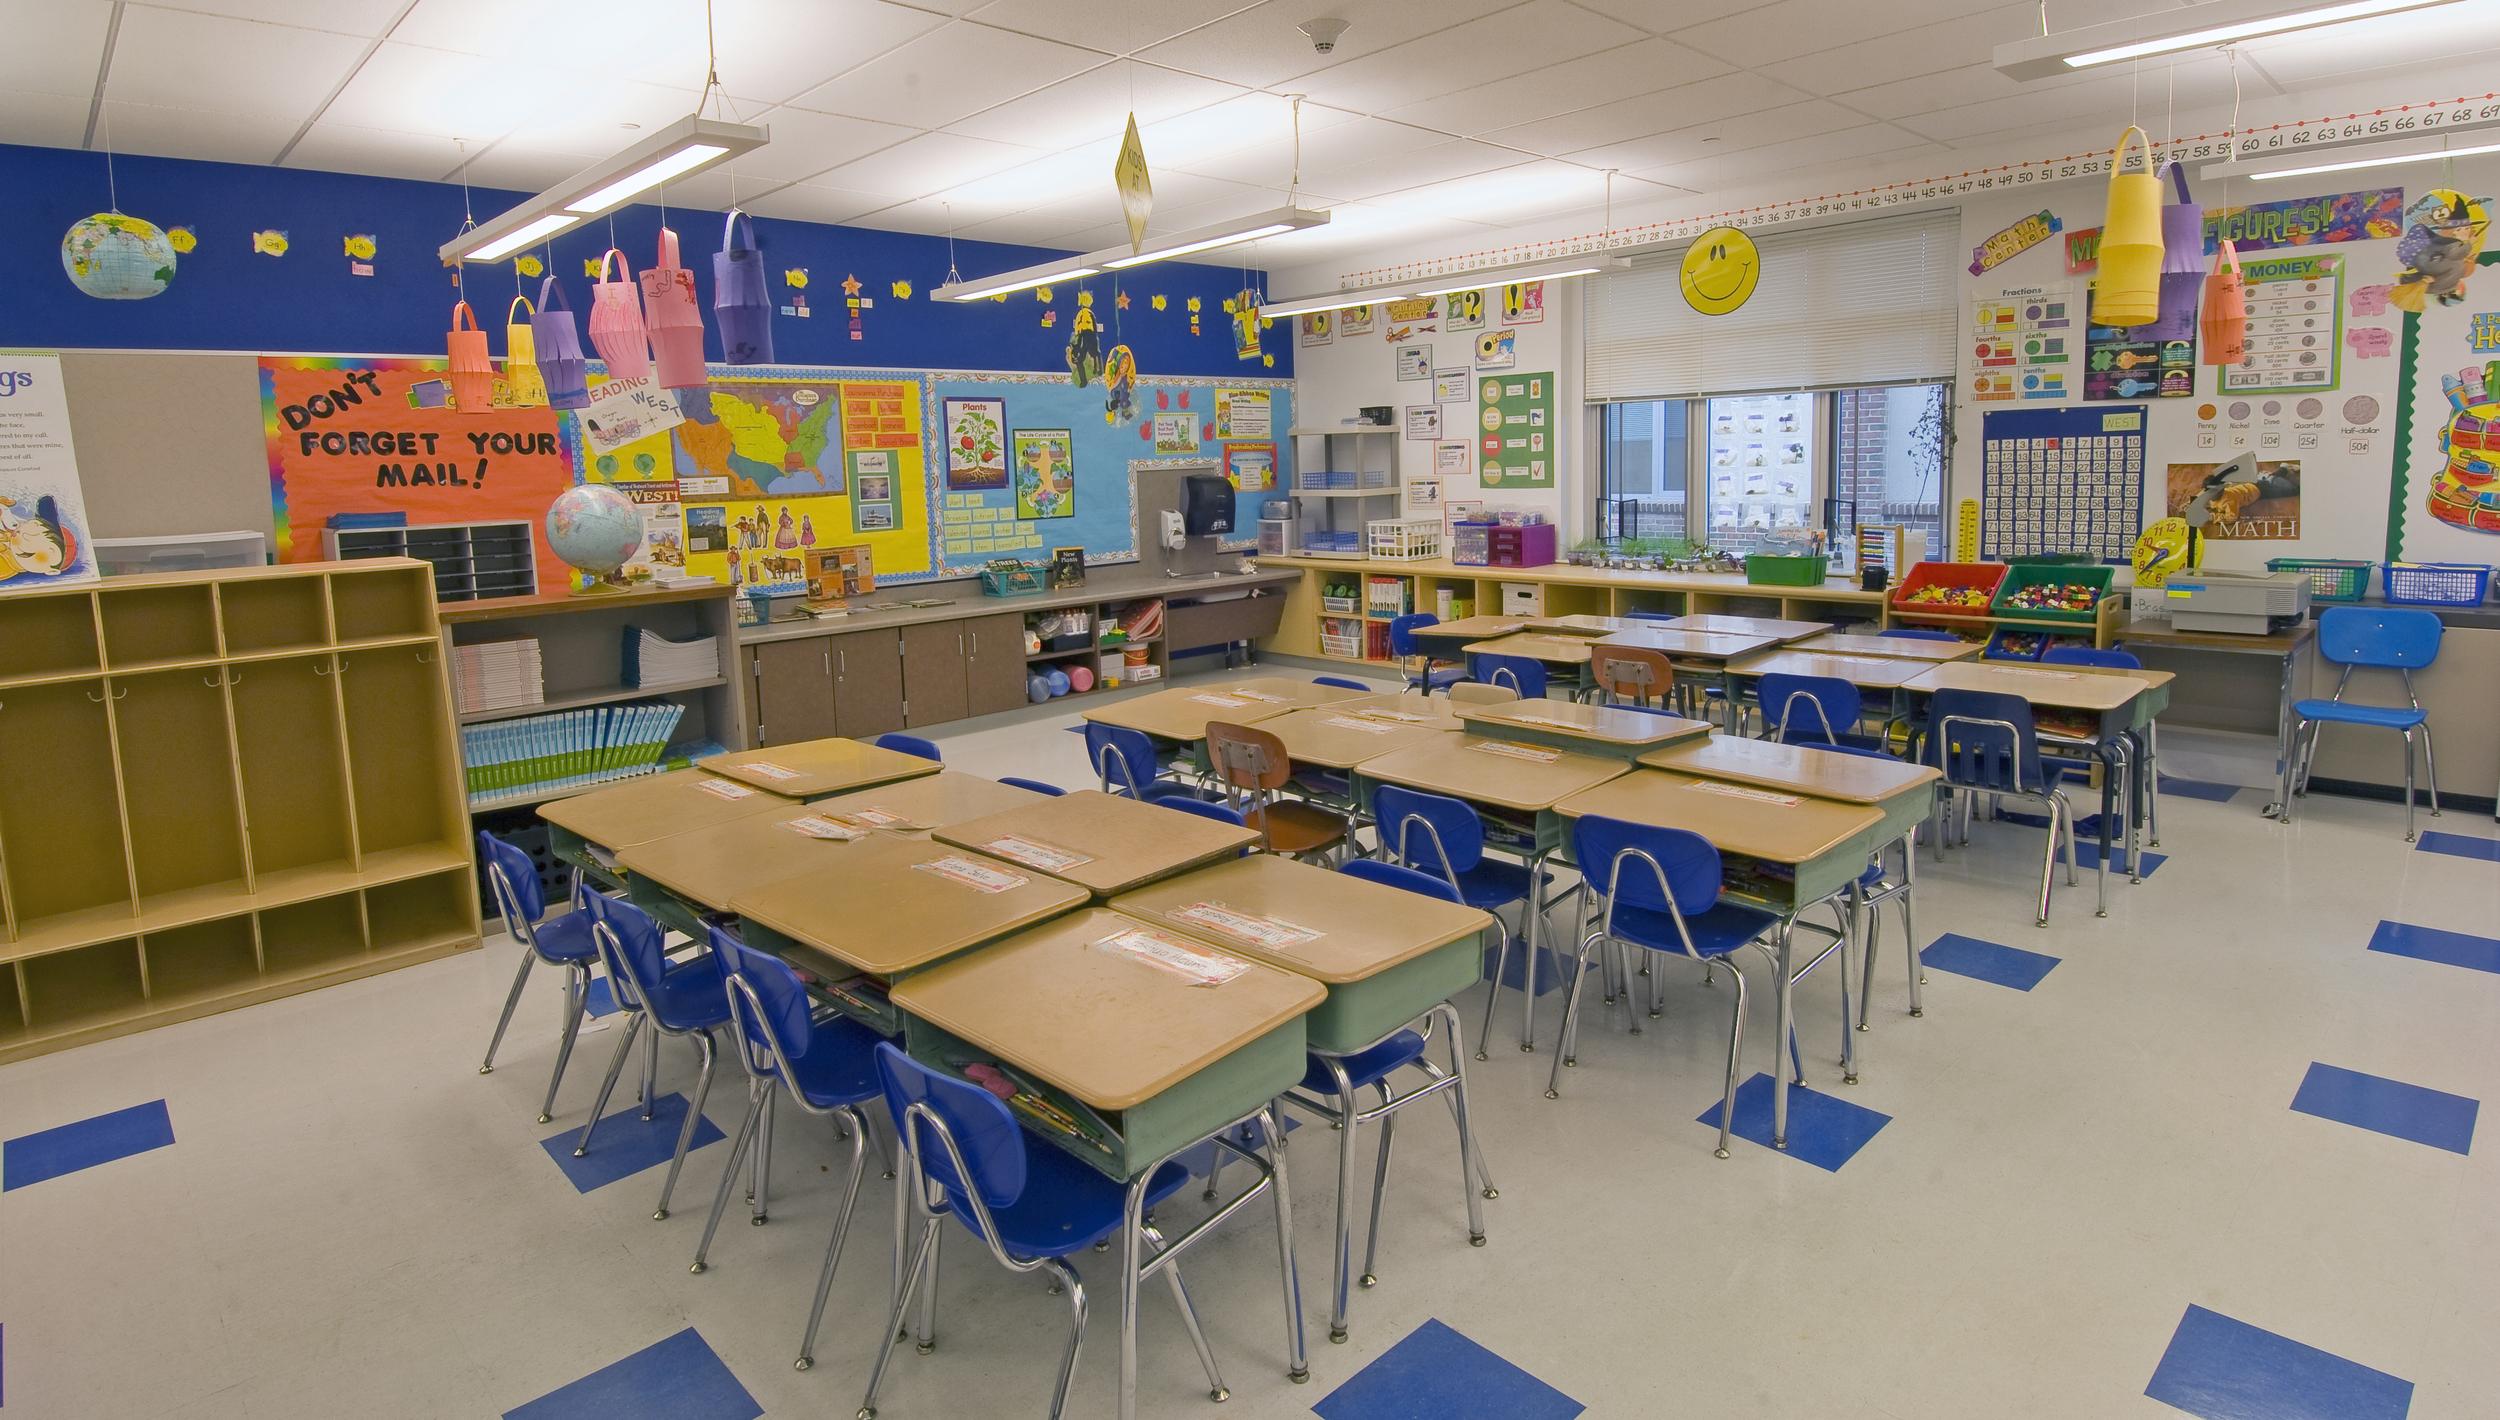 AGCS Kemblesville - Classroom.jpg